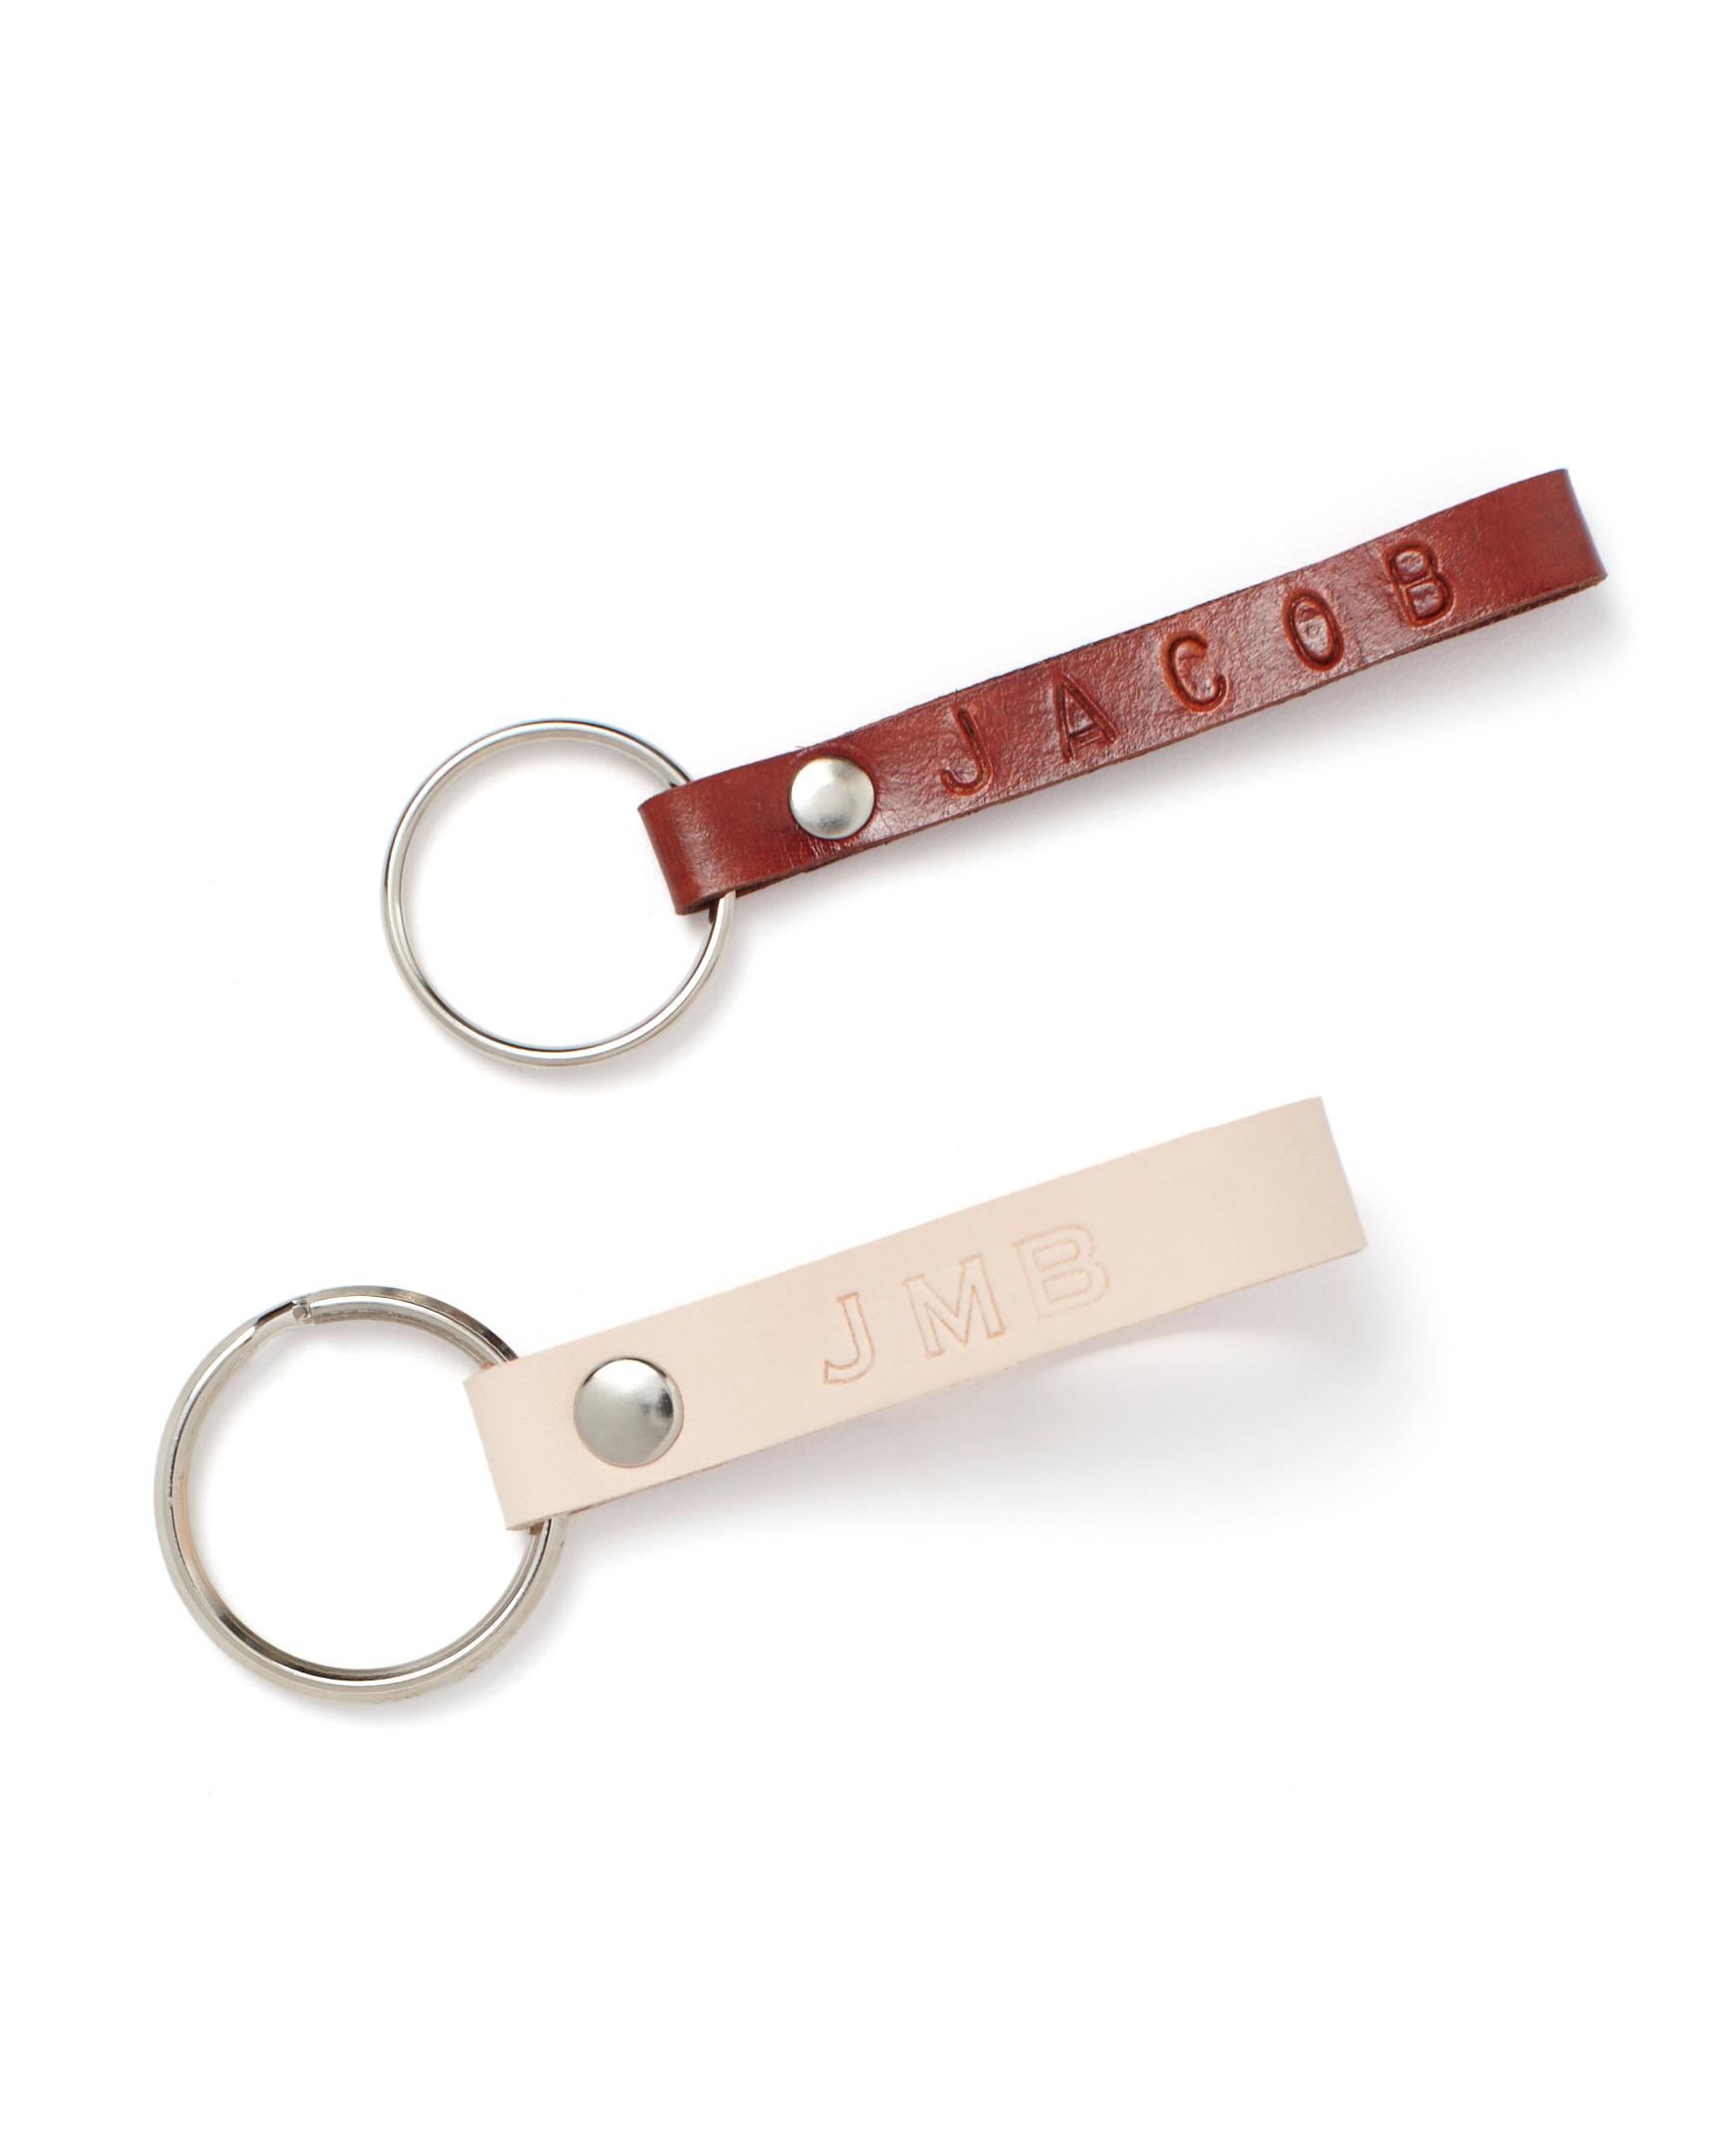 etsy-keychains-044-ewd110425.jpg